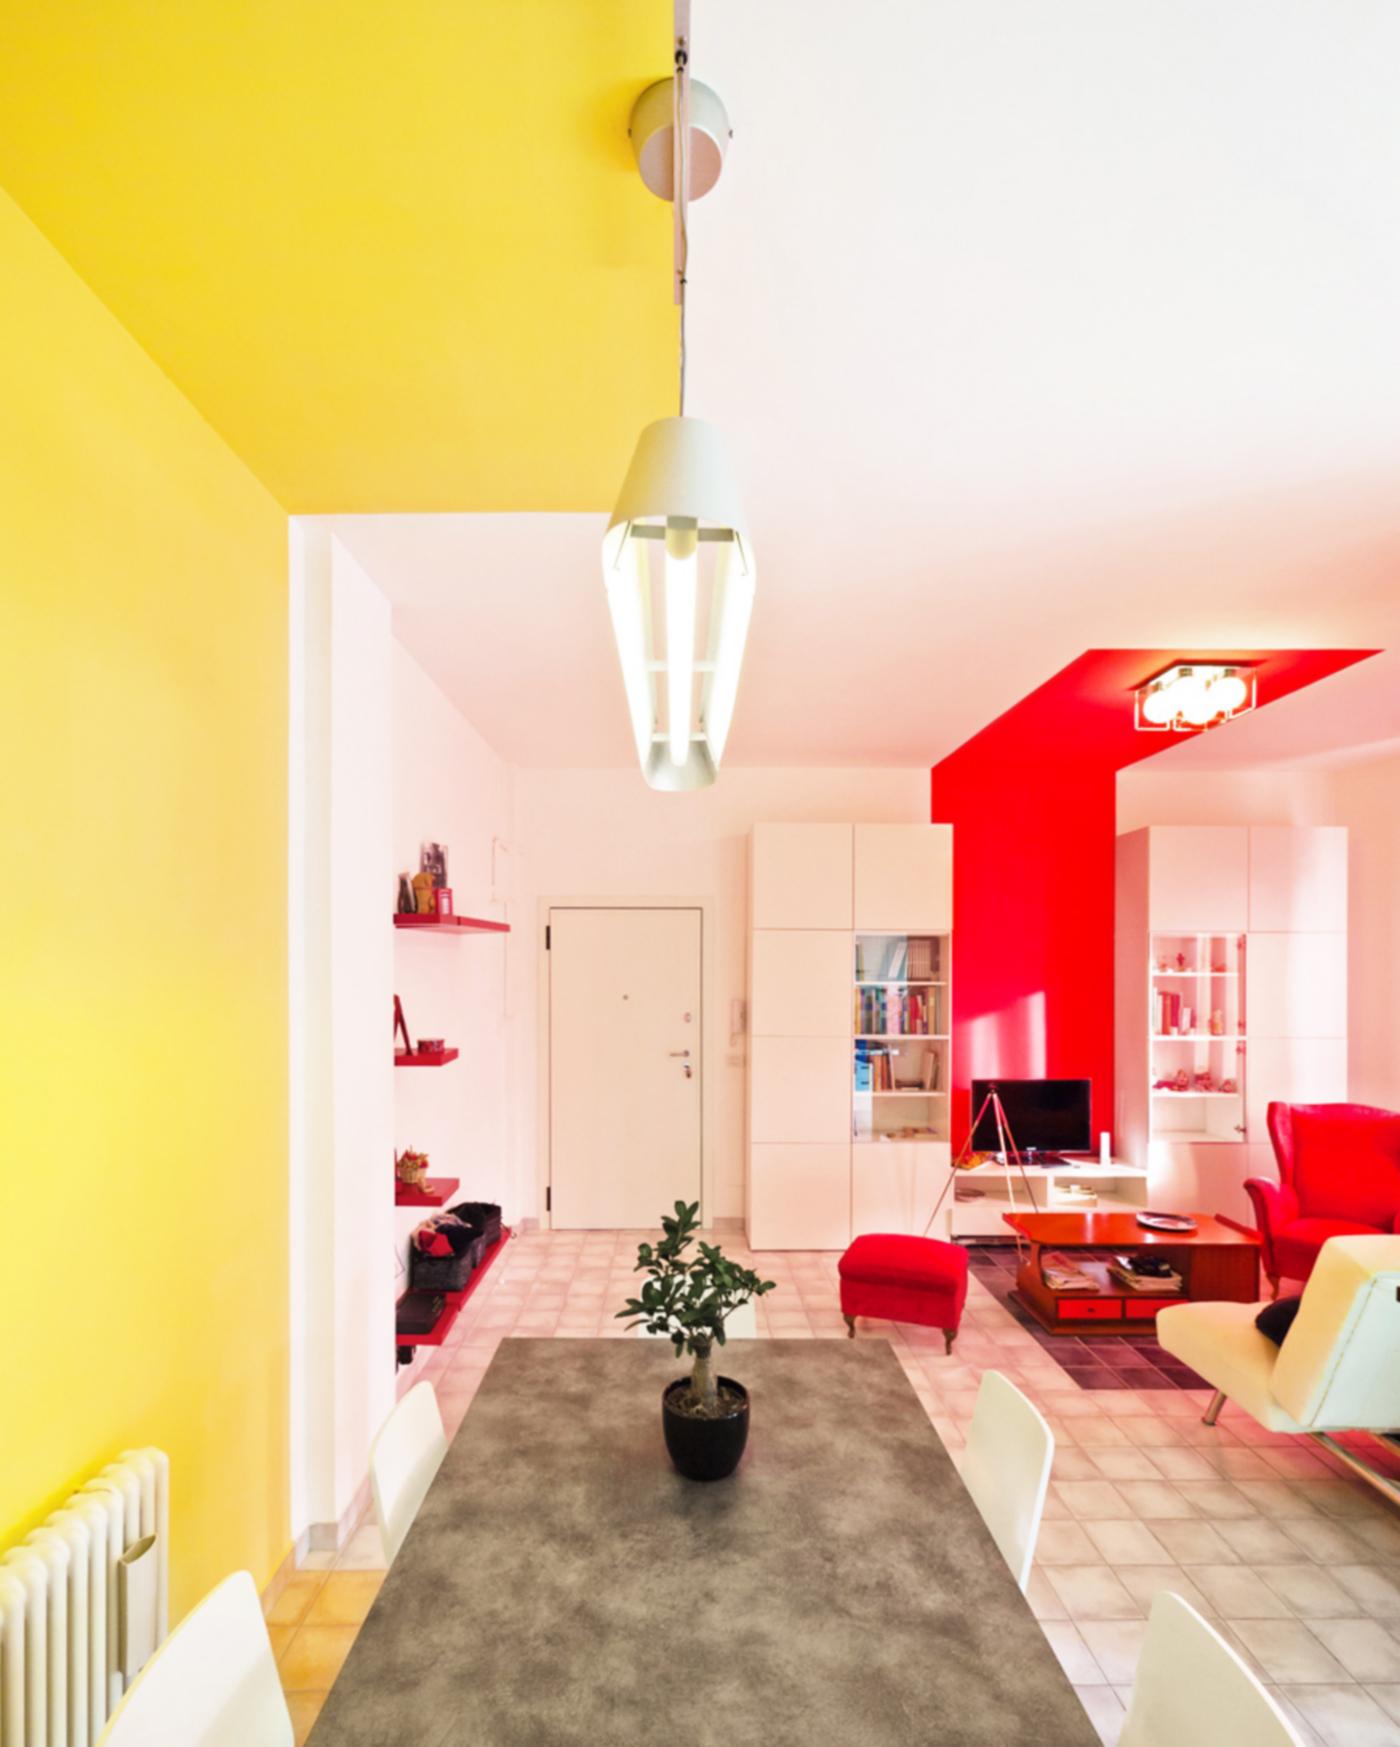 Una ristrutturazione che trasforma il colore in spazio. Il limite della zona gialla, sul grande tavolo | Bottega di Architettura